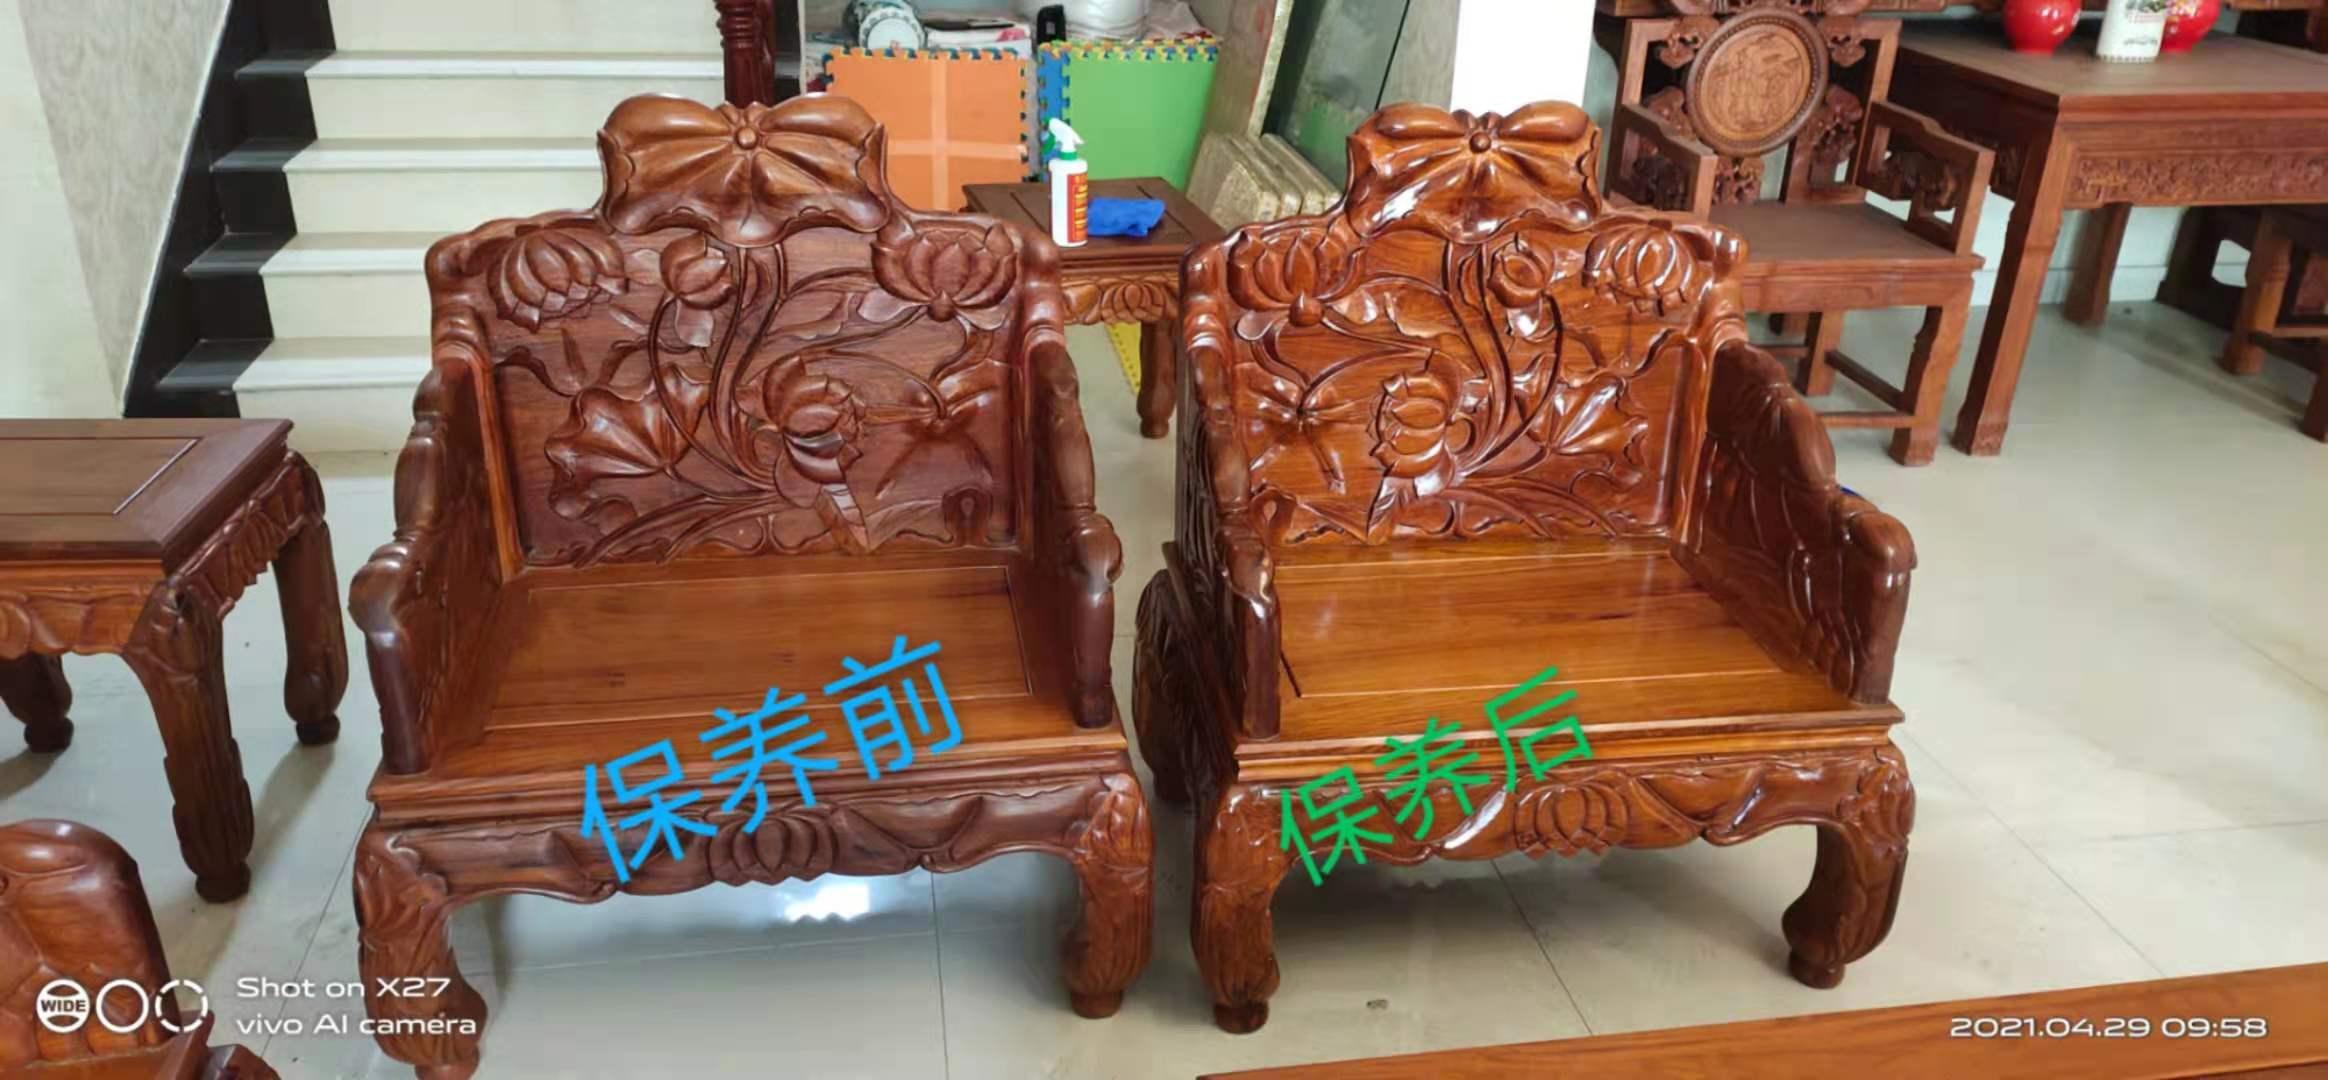 如何正确的清理与保养红木家具?-- 莒县好宜家家政服务部